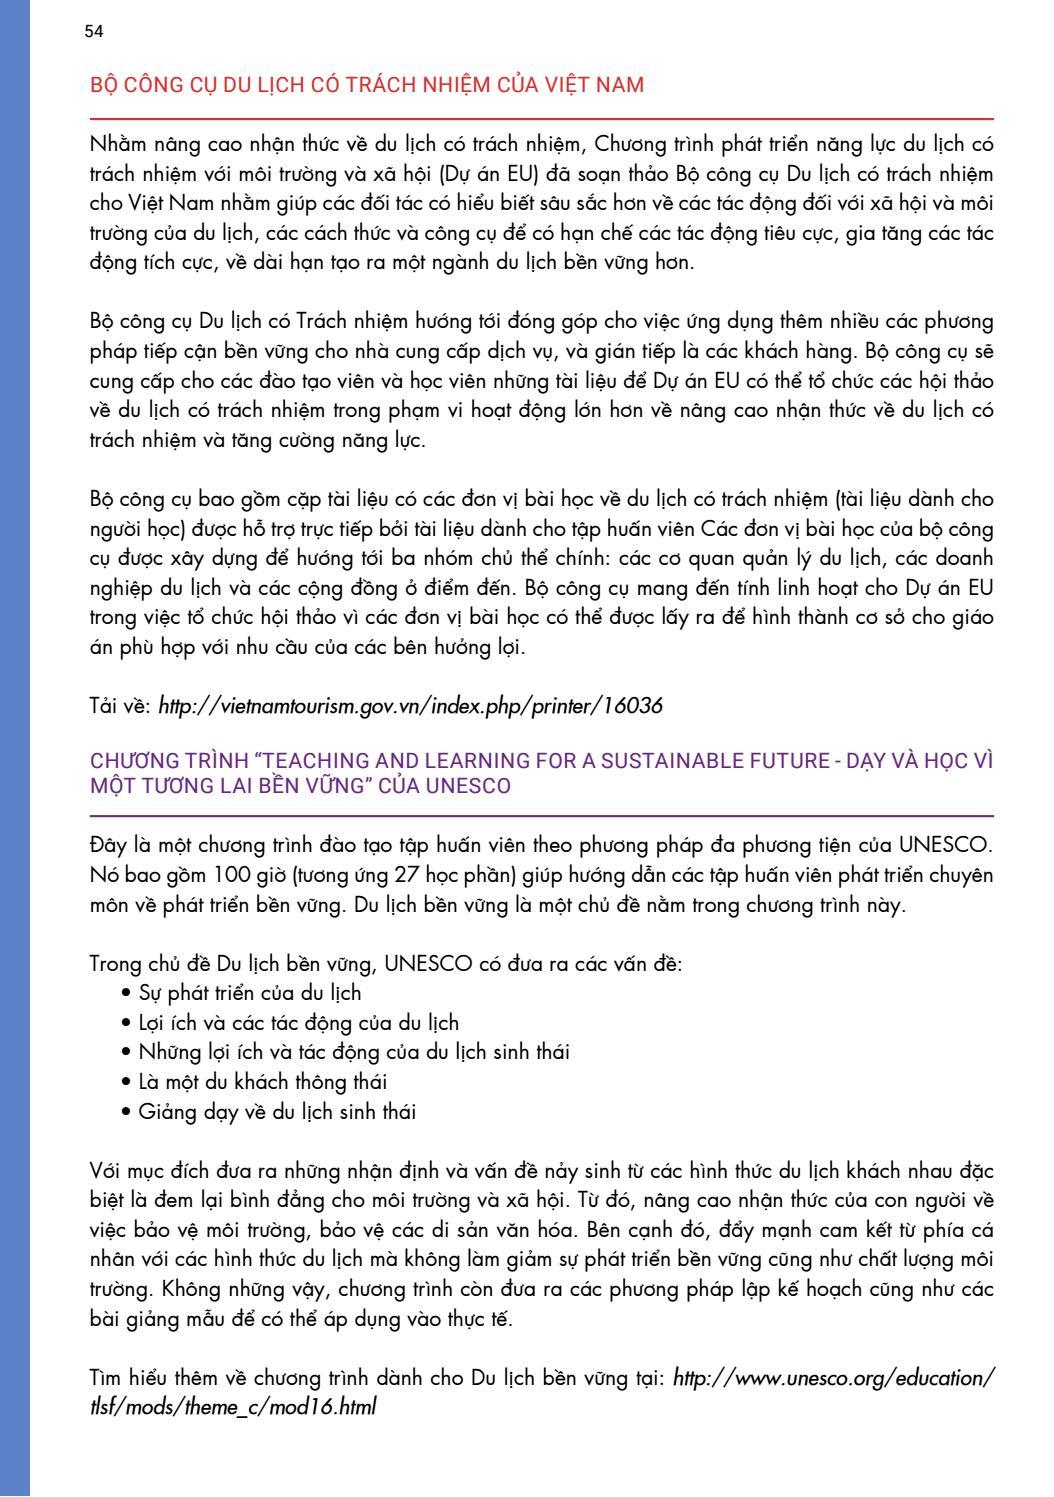 [Tài liệu LSST] Du lịch có trách nhiệm page 54